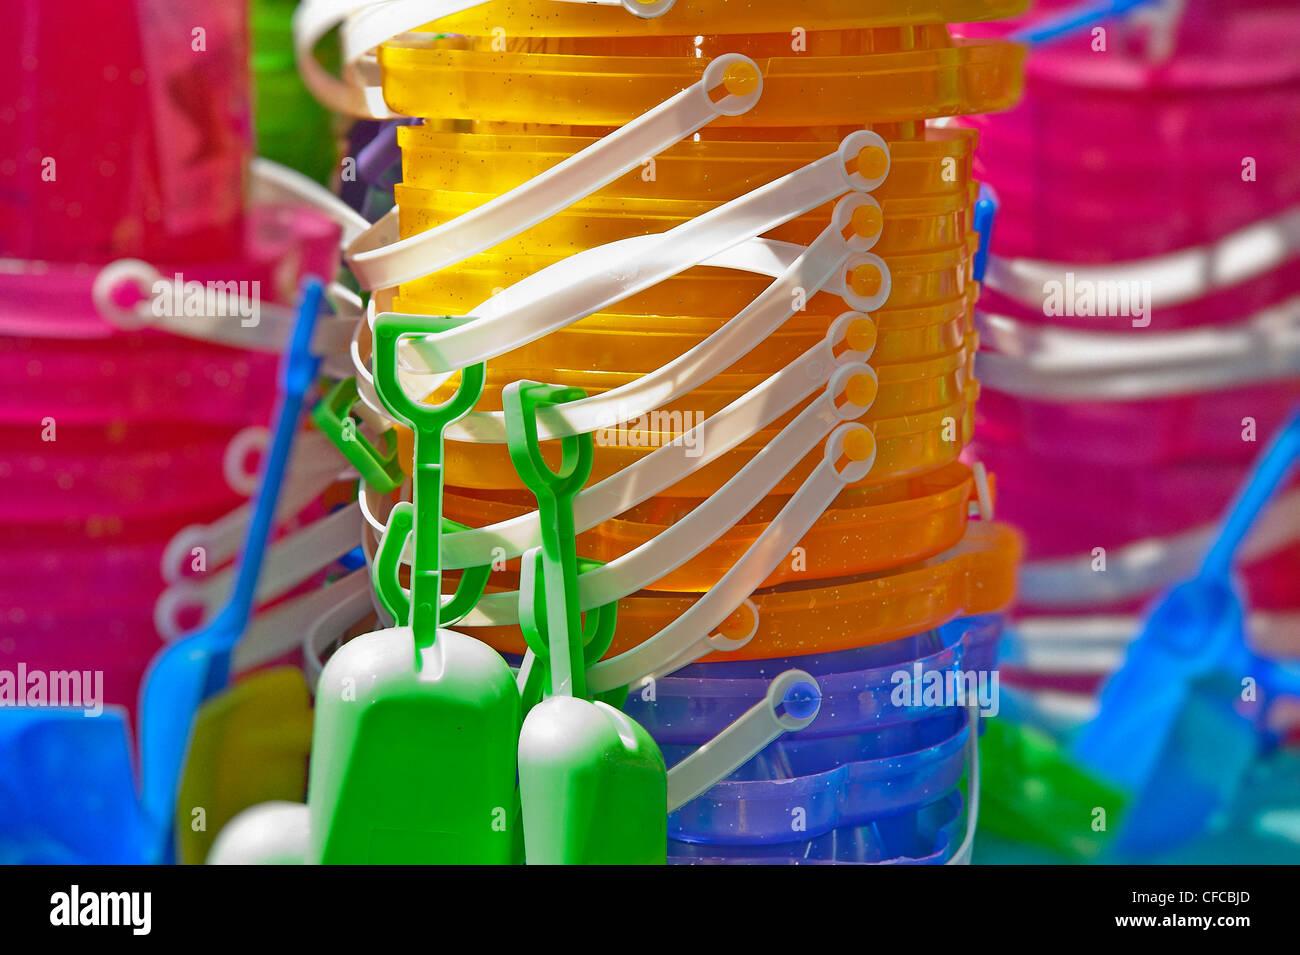 Kinder Spielzeug Eimer und Schaufel. Stockbild